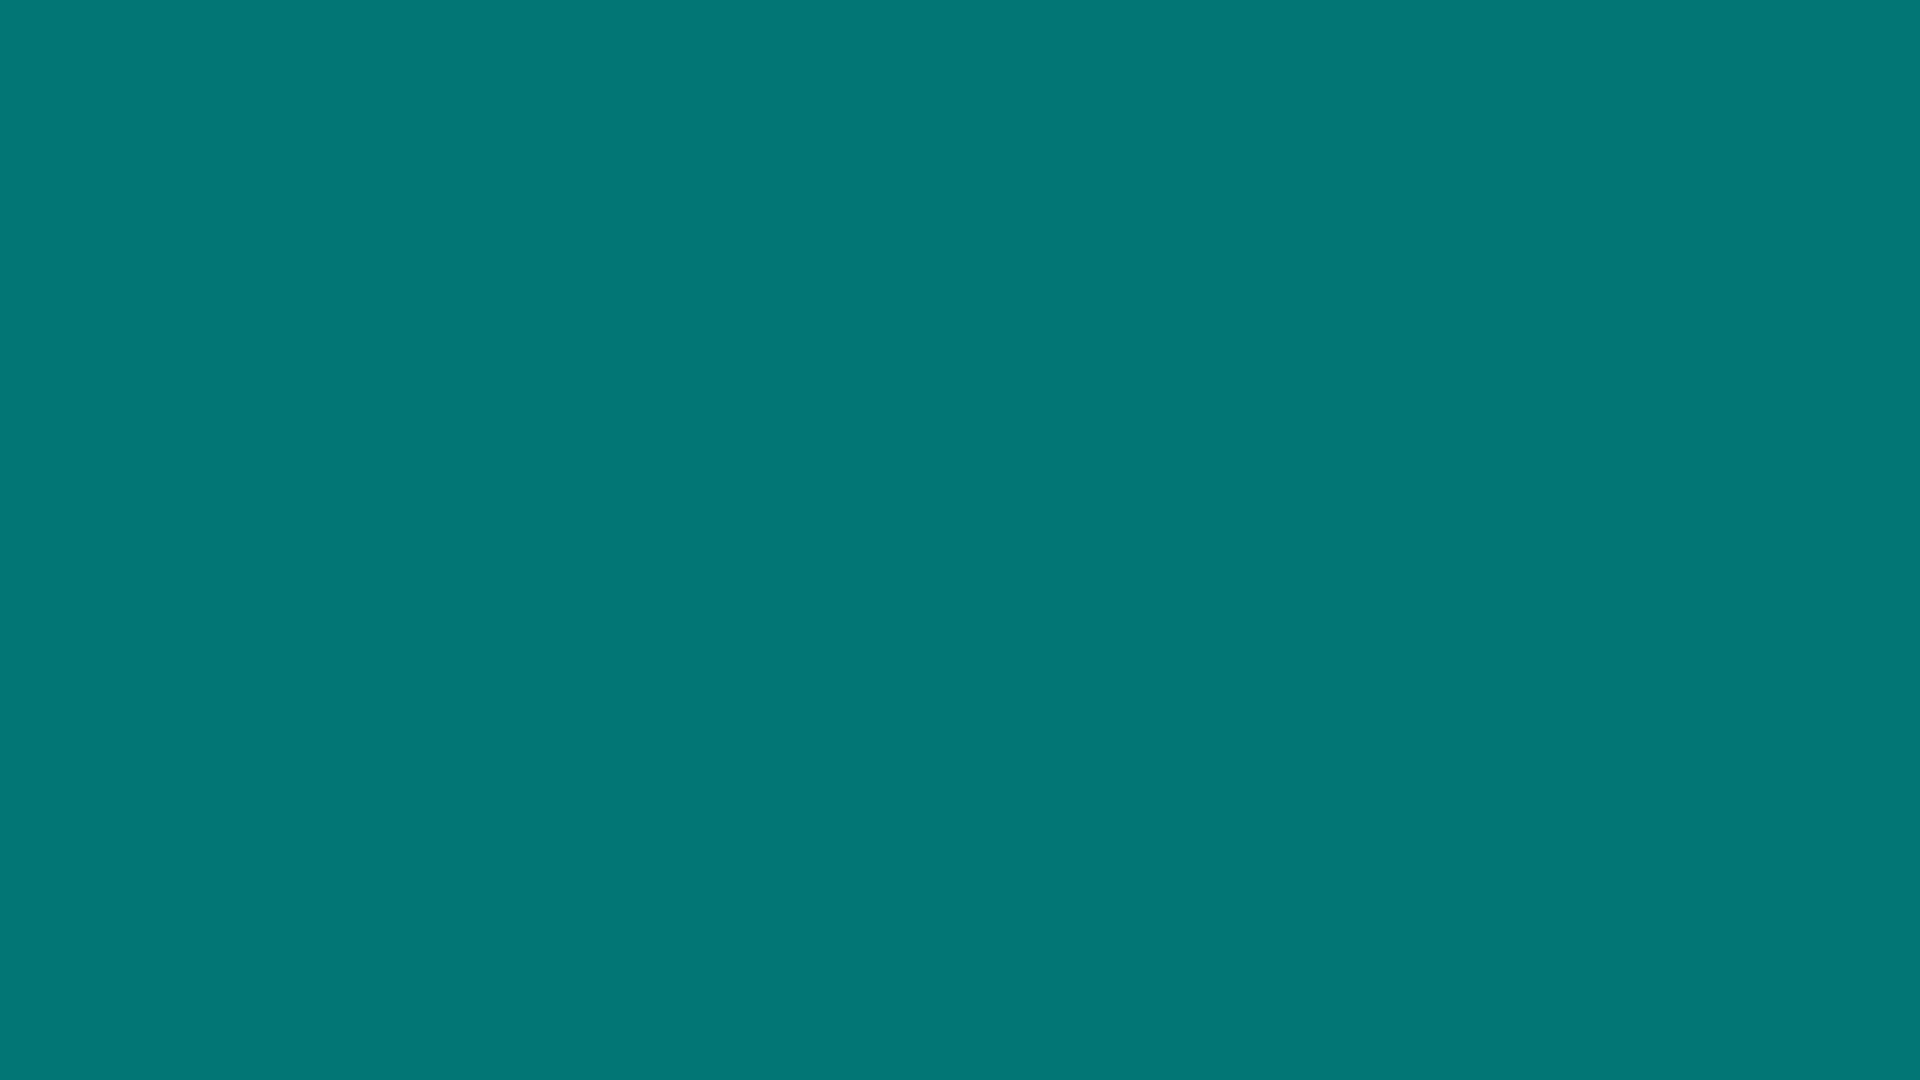 [공지] 서울대학교 아시아연구소   중점연구소 사업 전임연구인력 모집 공고